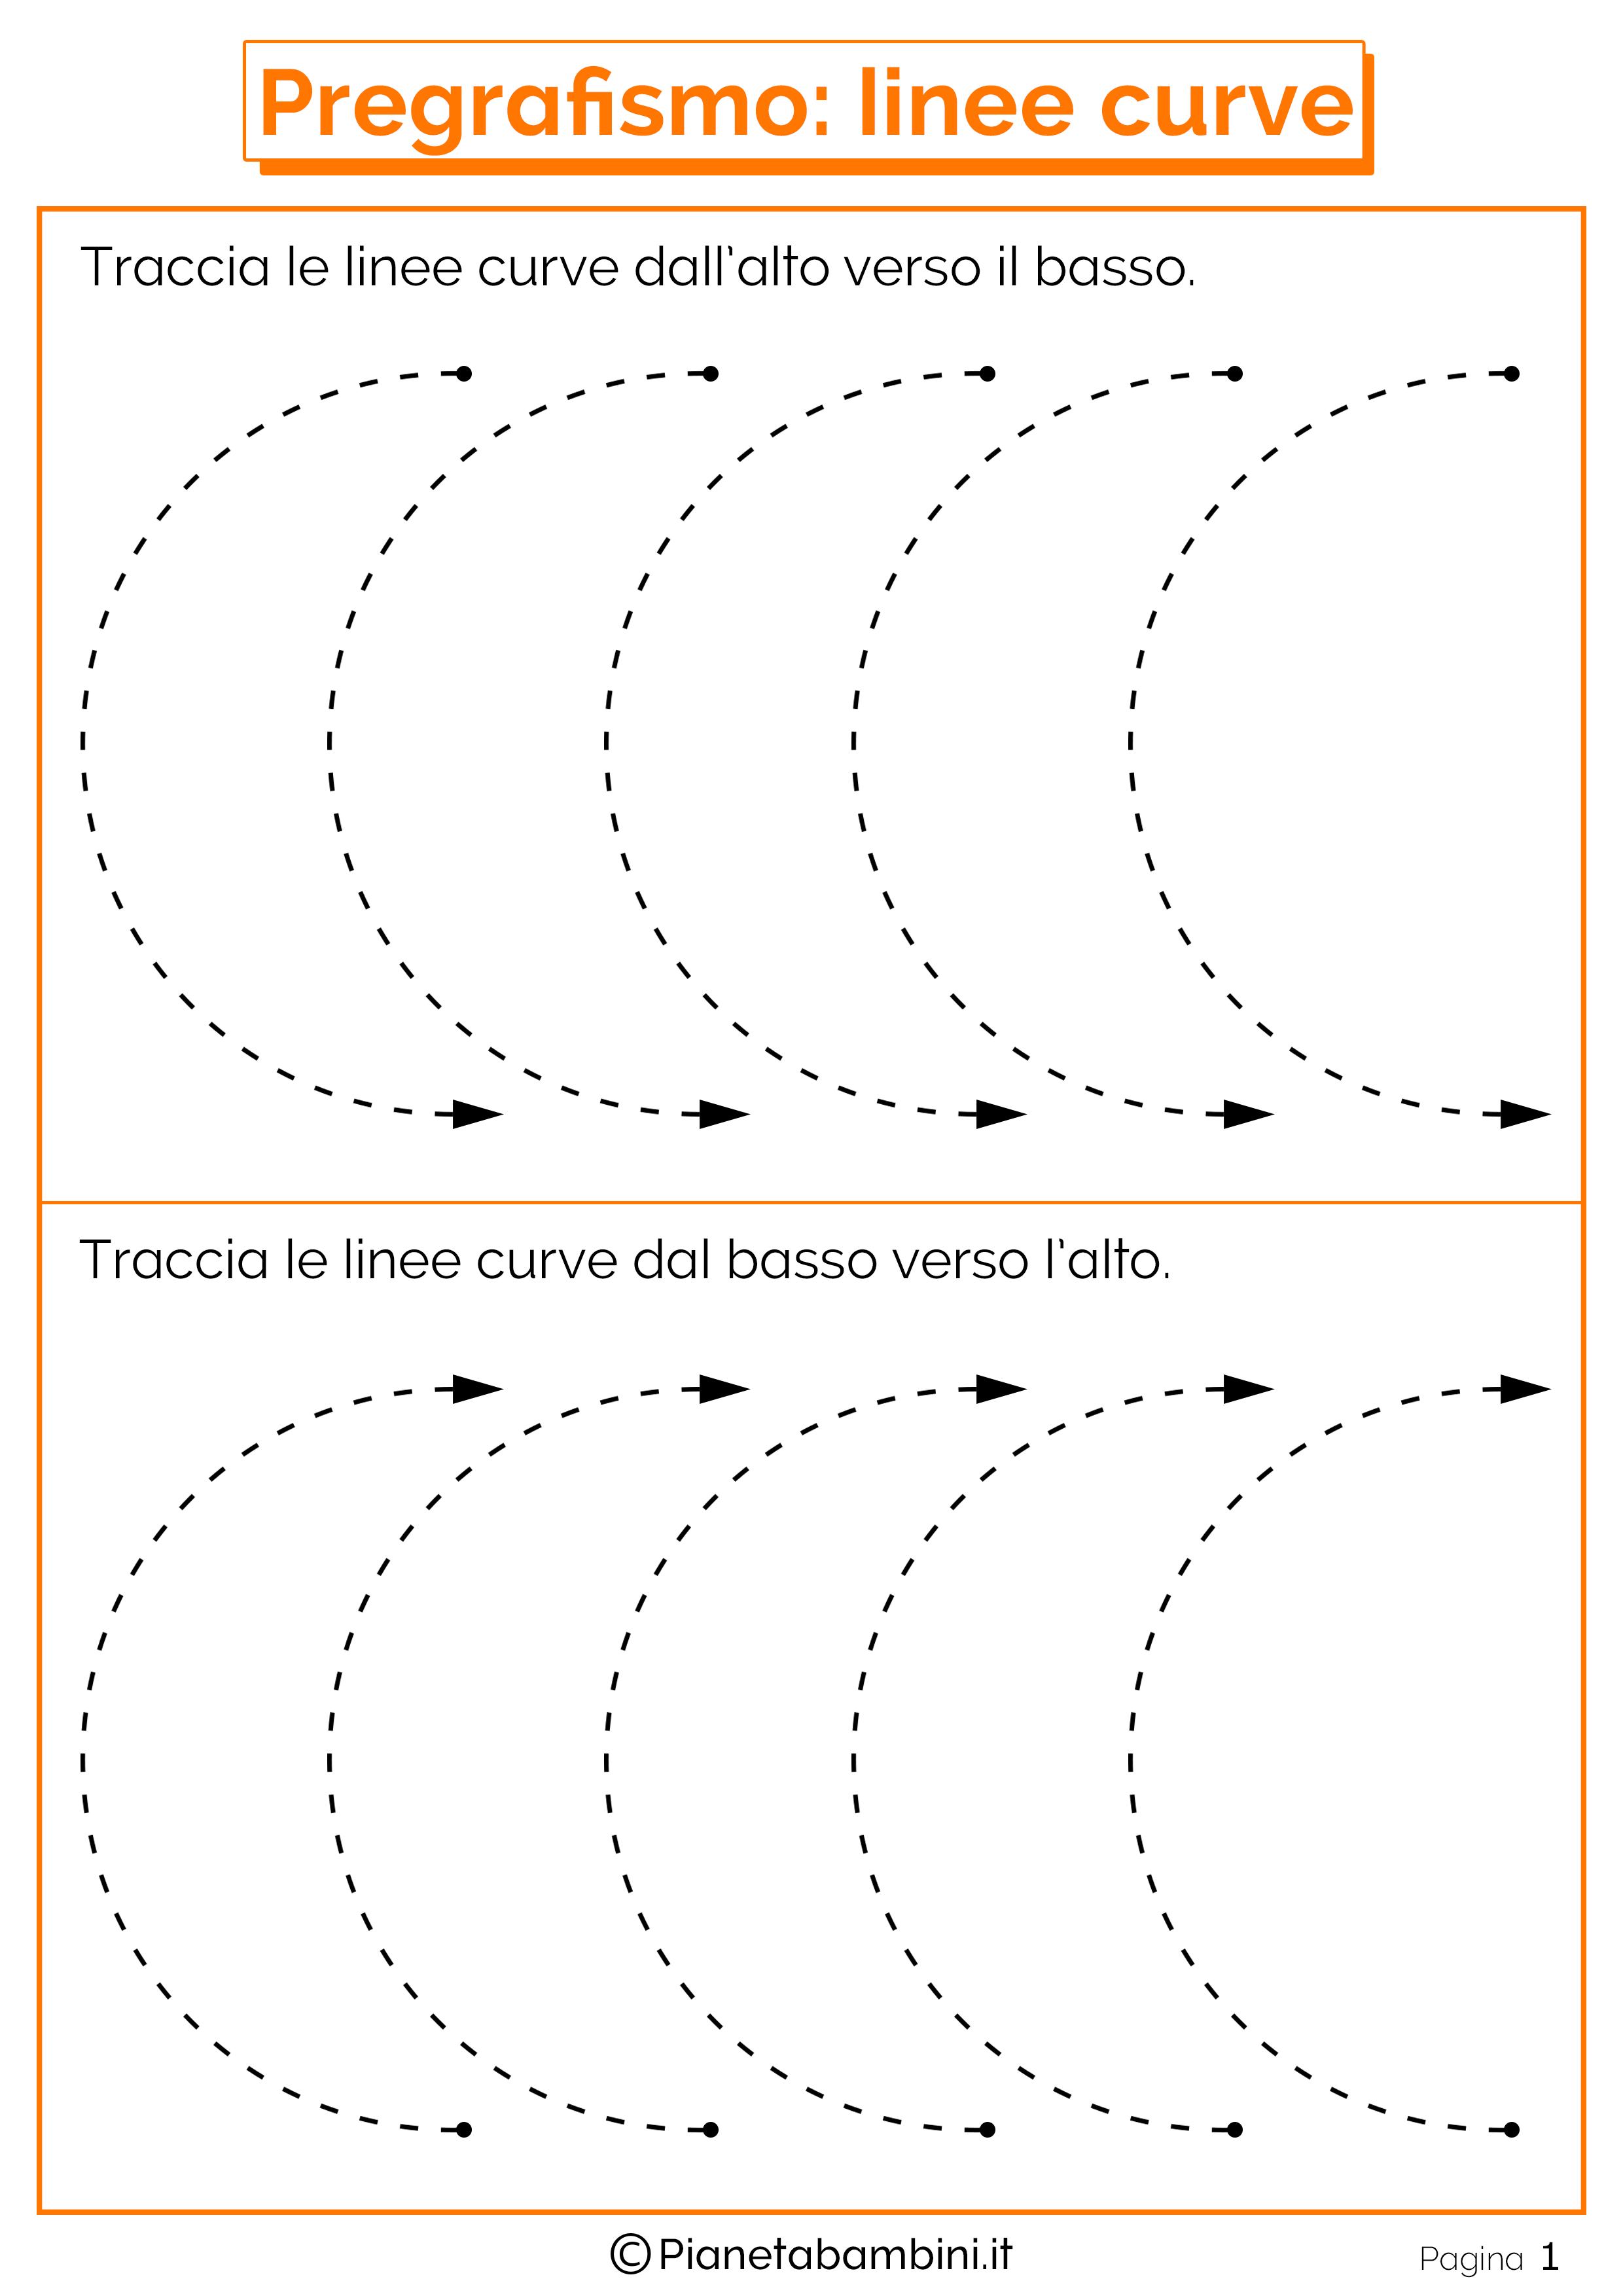 Pregrafismo-Linee-Curve_01